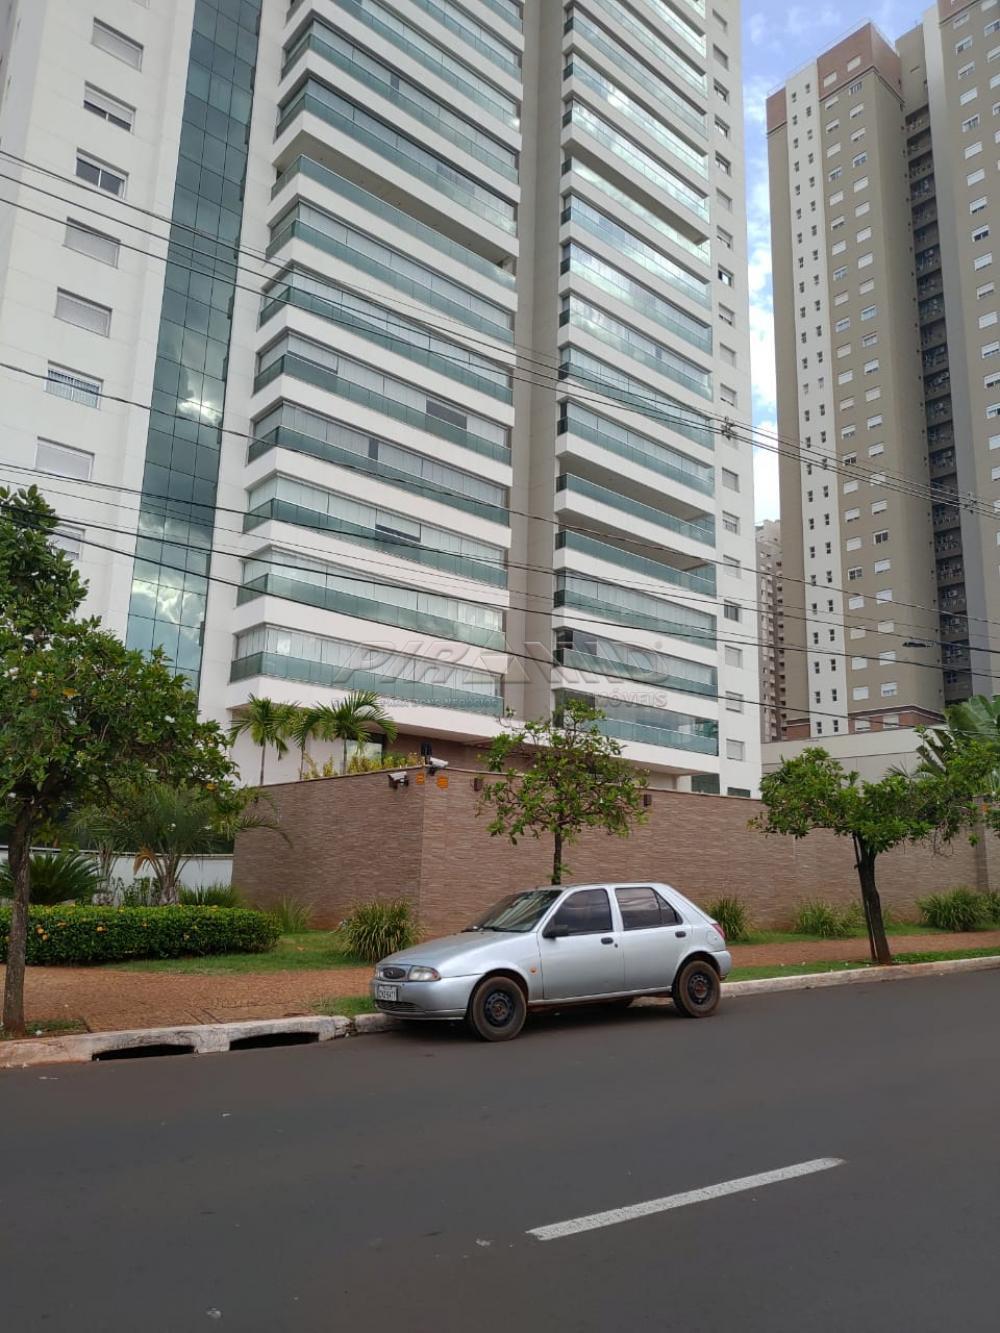 Comprar Apartamento / Padrão em Ribeirão Preto R$ 2.650.000,00 - Foto 1